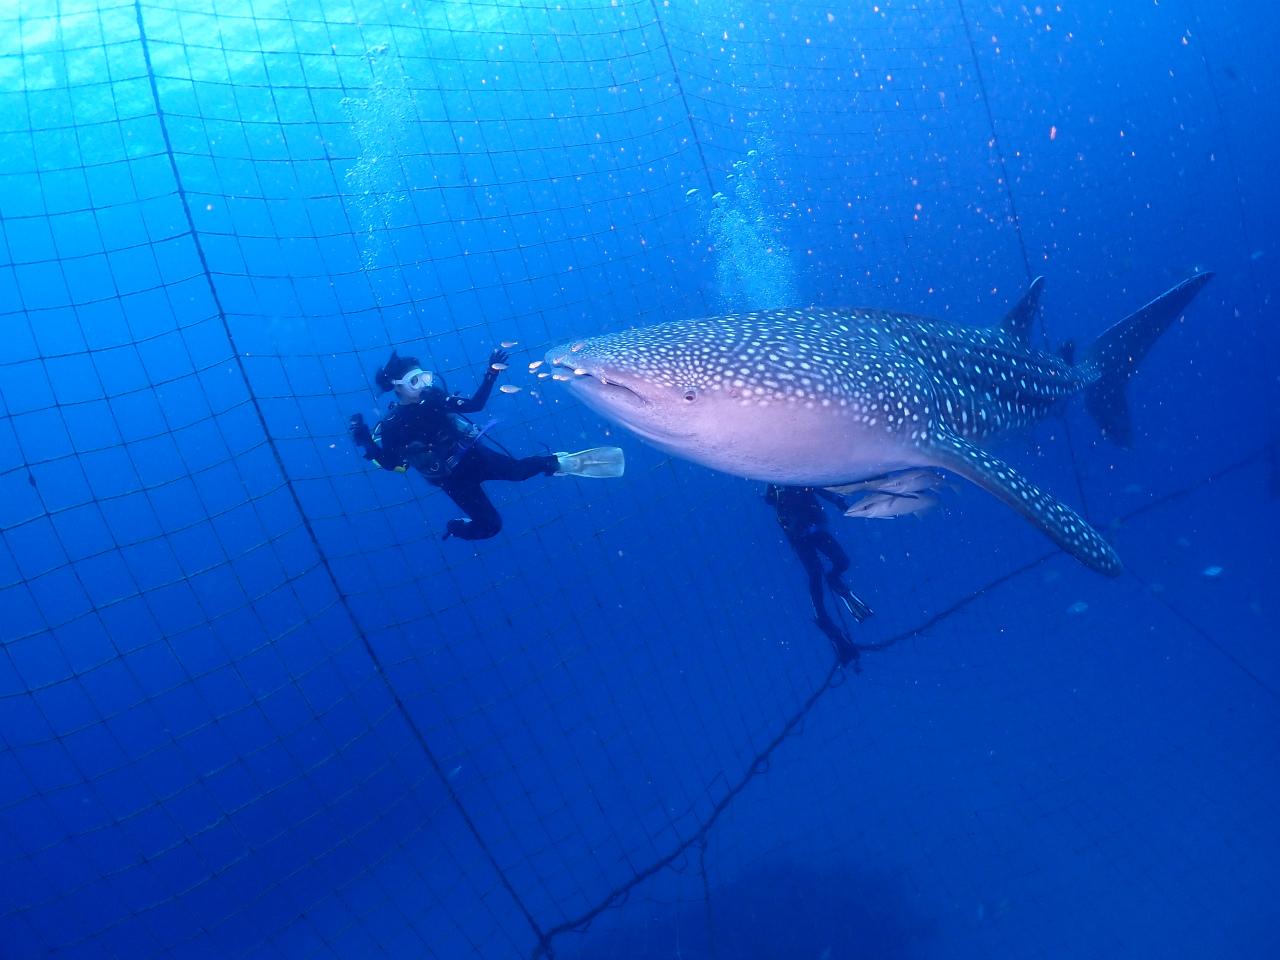 ジンベイザメ 沖縄 ダイビング 海 観光